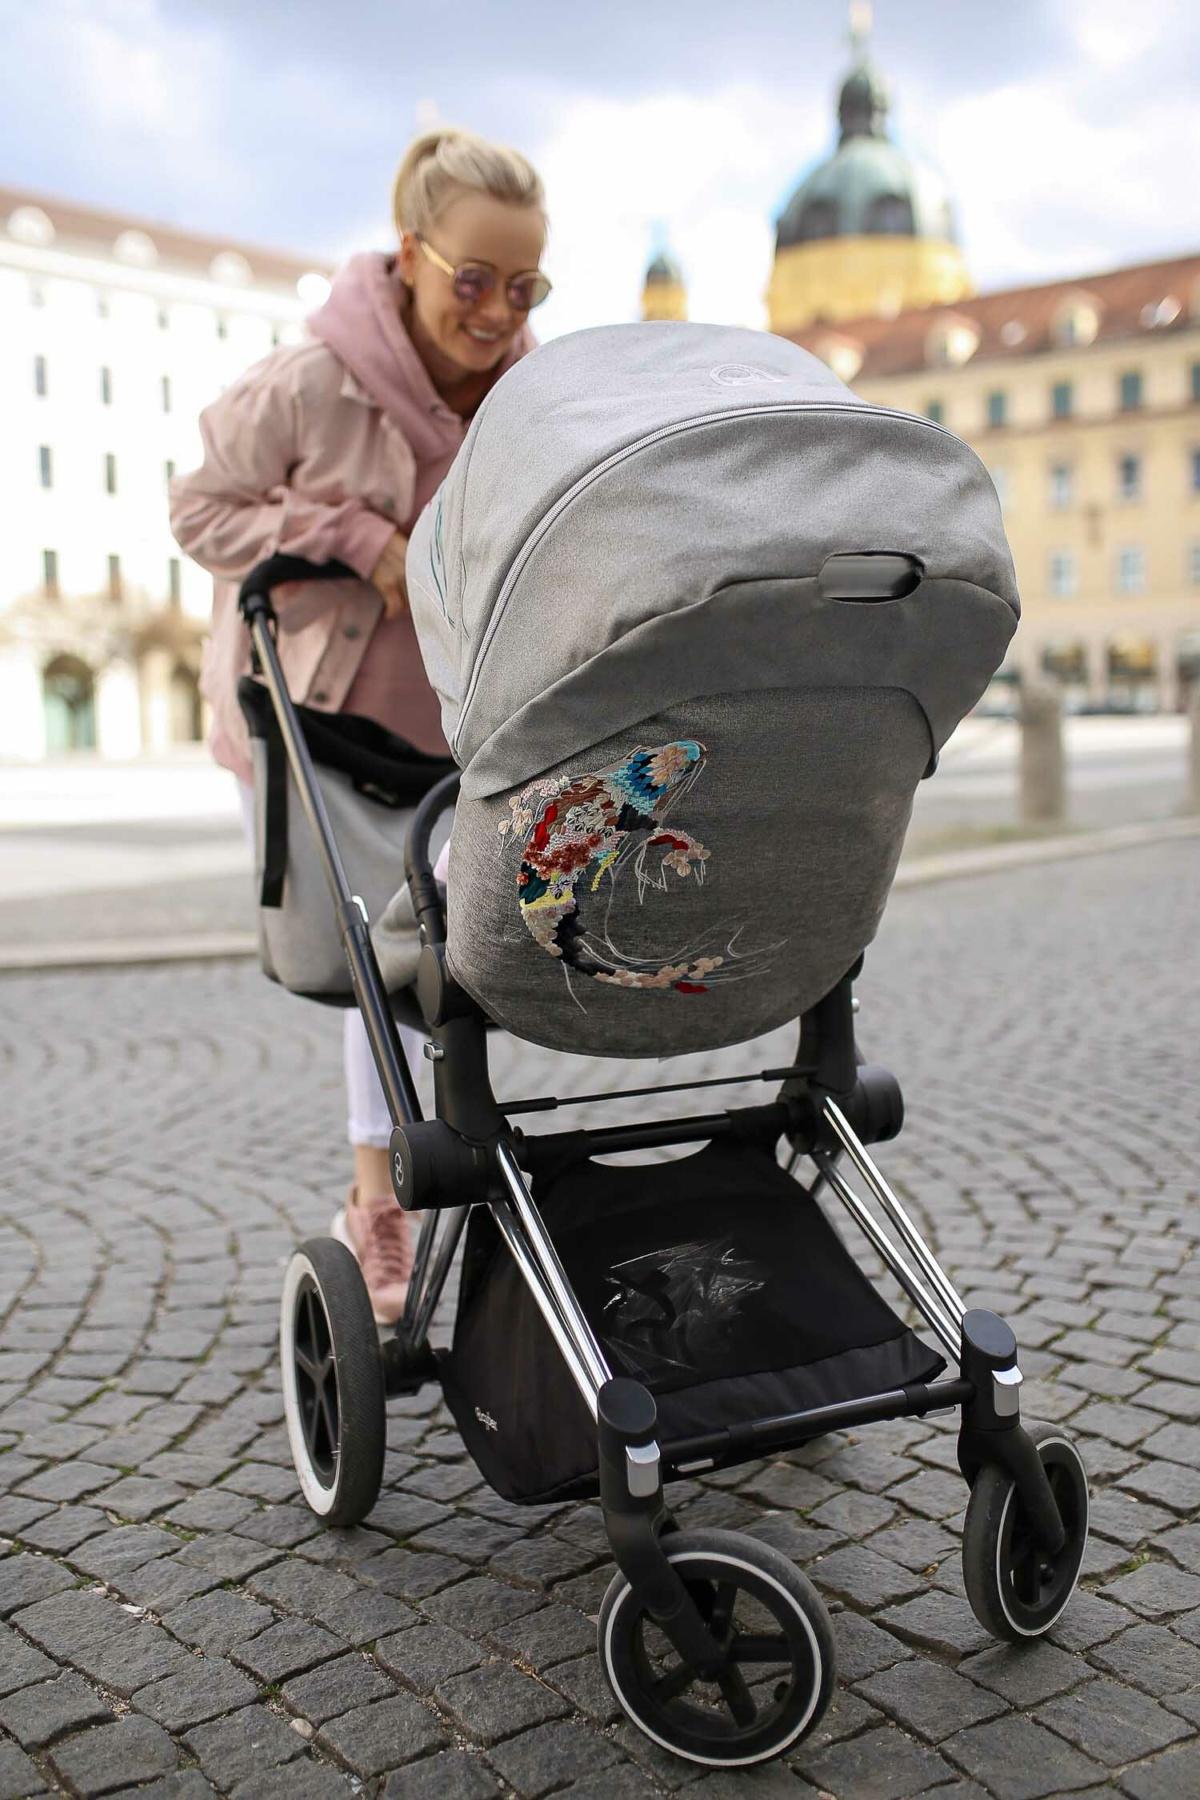 stylingliebe-lifestyleblogger-mamablog-fashionblog-muenchen-blogger-deutschland-lifestyleblog-mamablogger-fashionblogger-modeblog-die-cybex-koi-kollektion-ein-sicherer-kinderwagen-mit-style-2